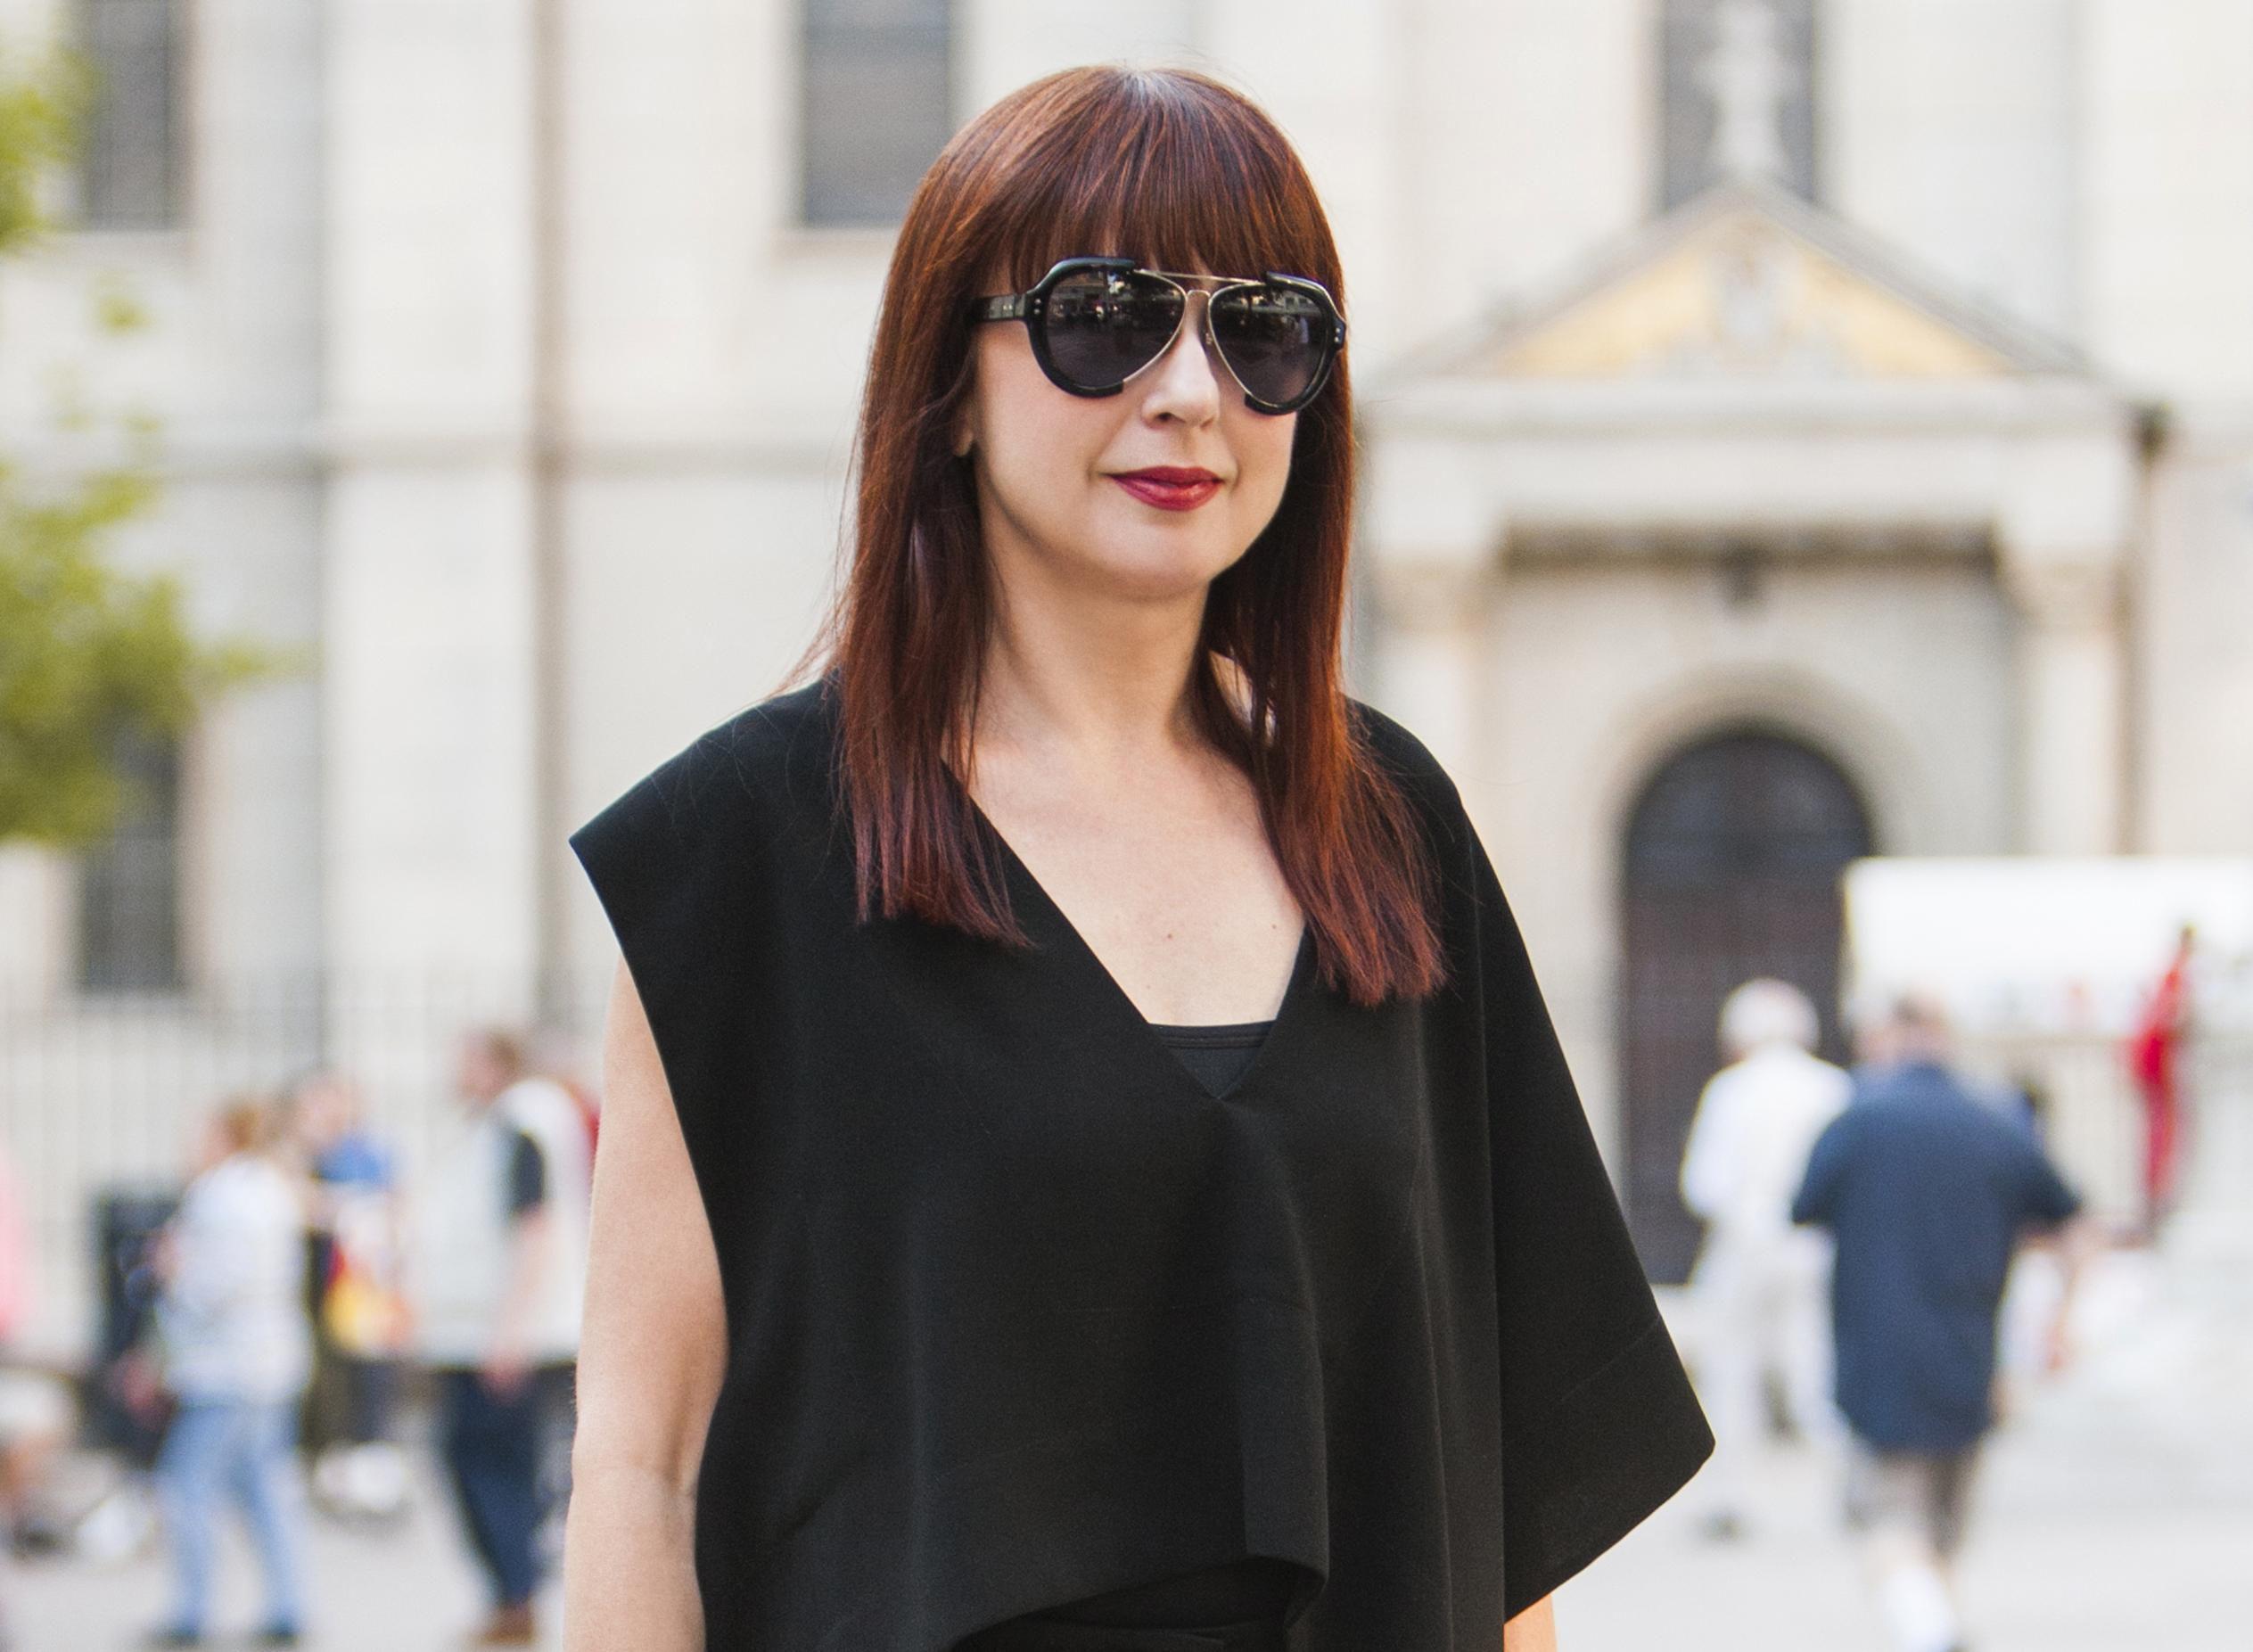 Najbolje je biti svoj: Poznata arhitektica pokazala kako se nosi crna boja